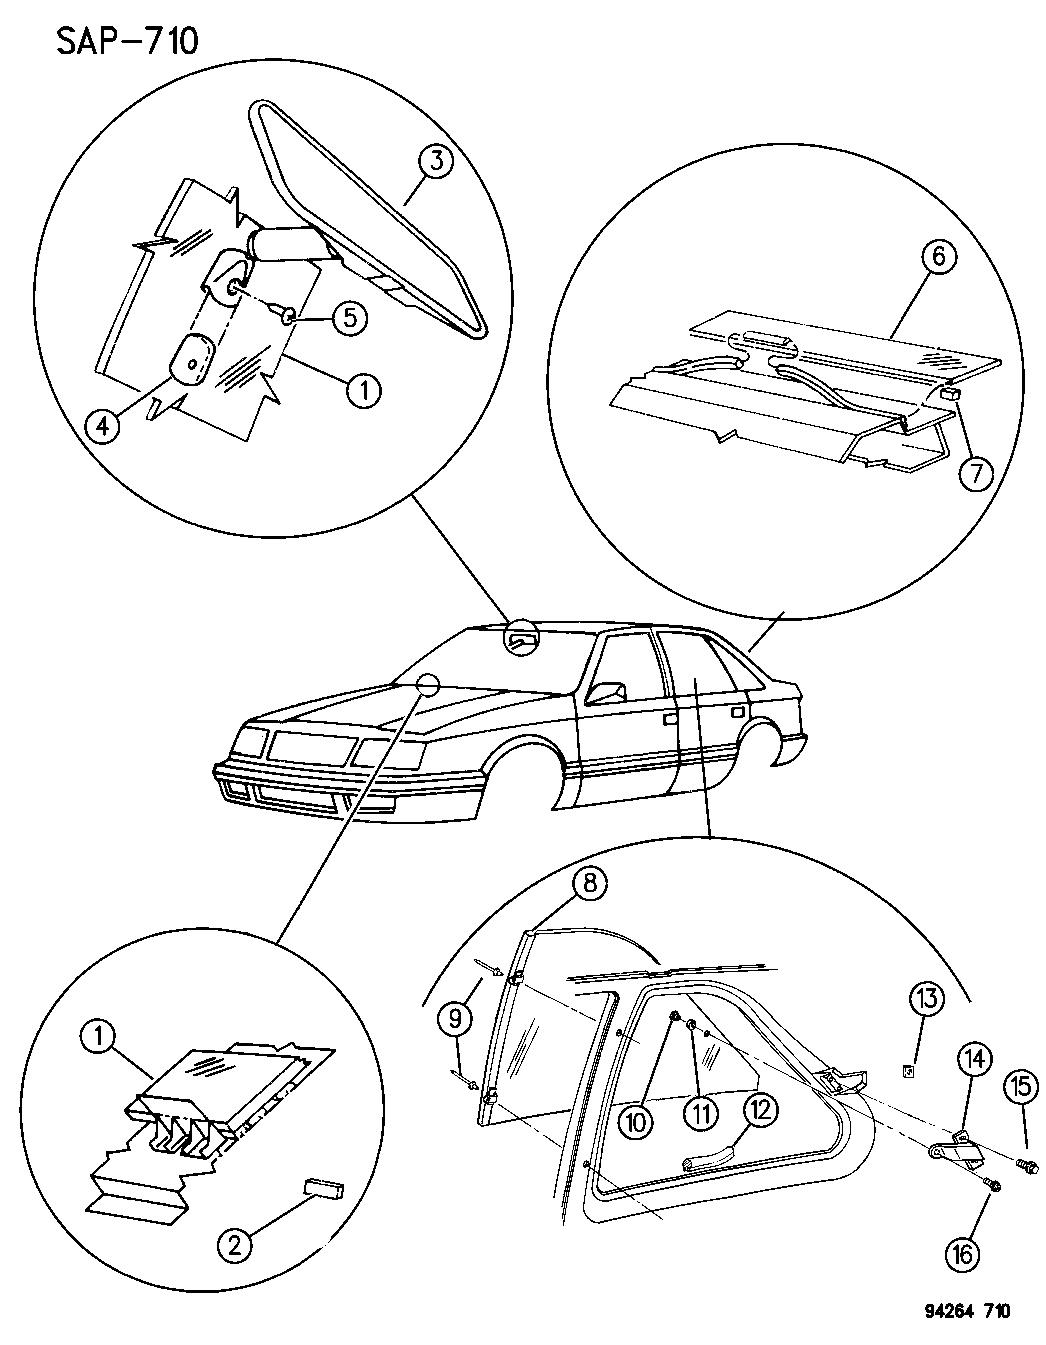 4299321  s rear view prism